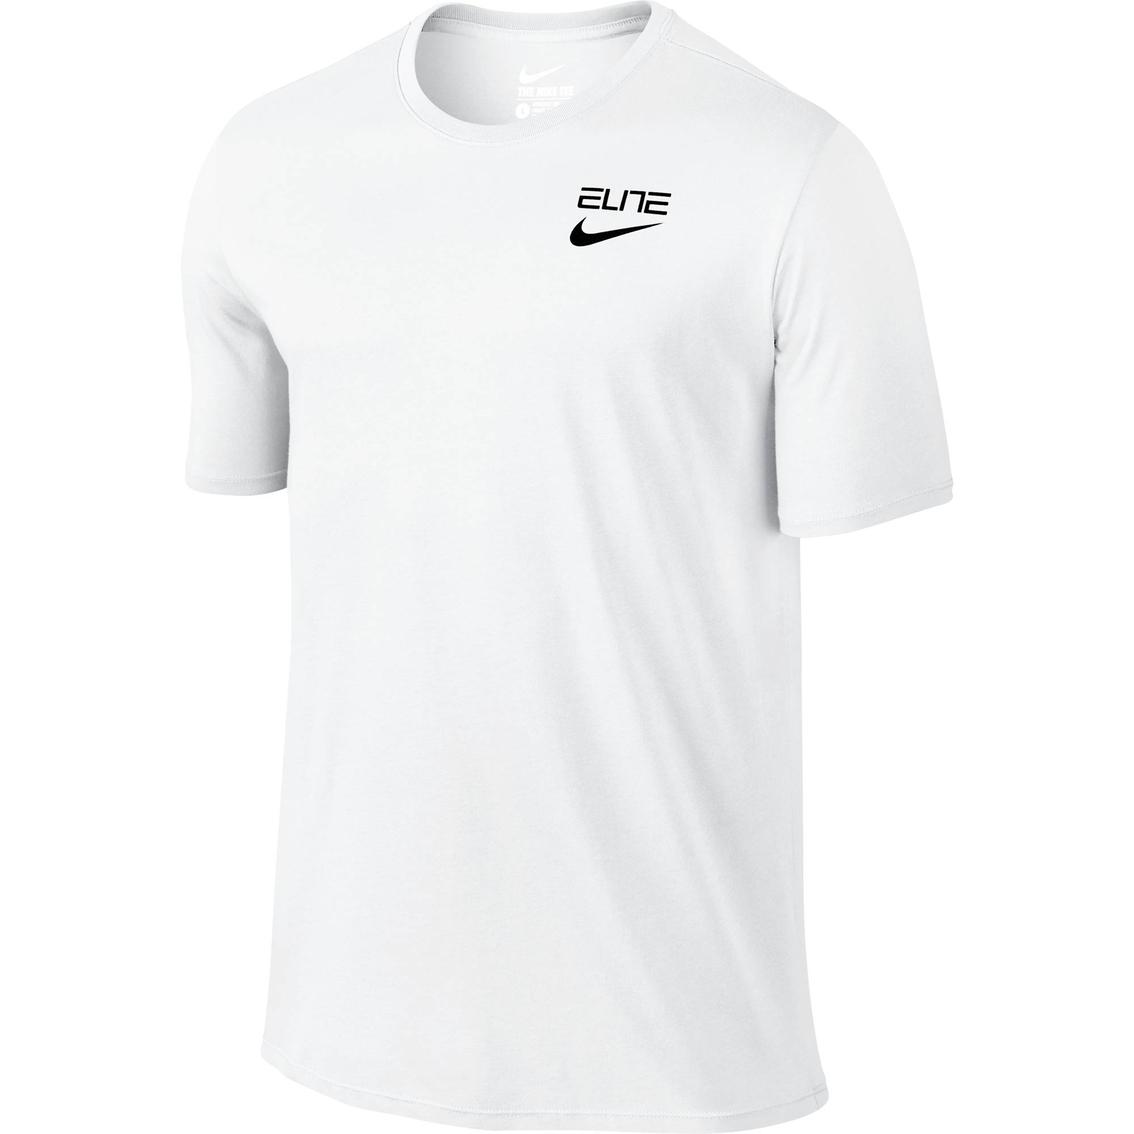 0530773b3163 Nike Elite Back Stripe Tee